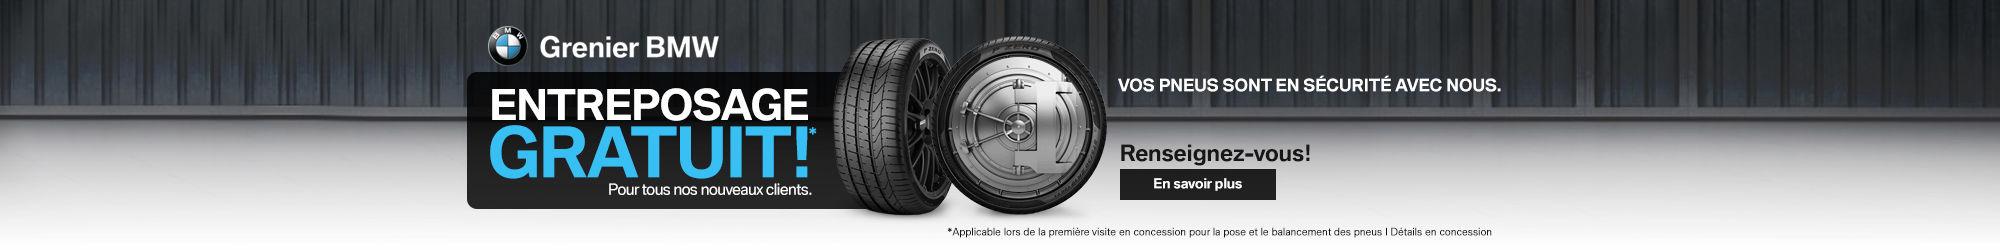 Entreposage pneus gratuit nouveaux clients